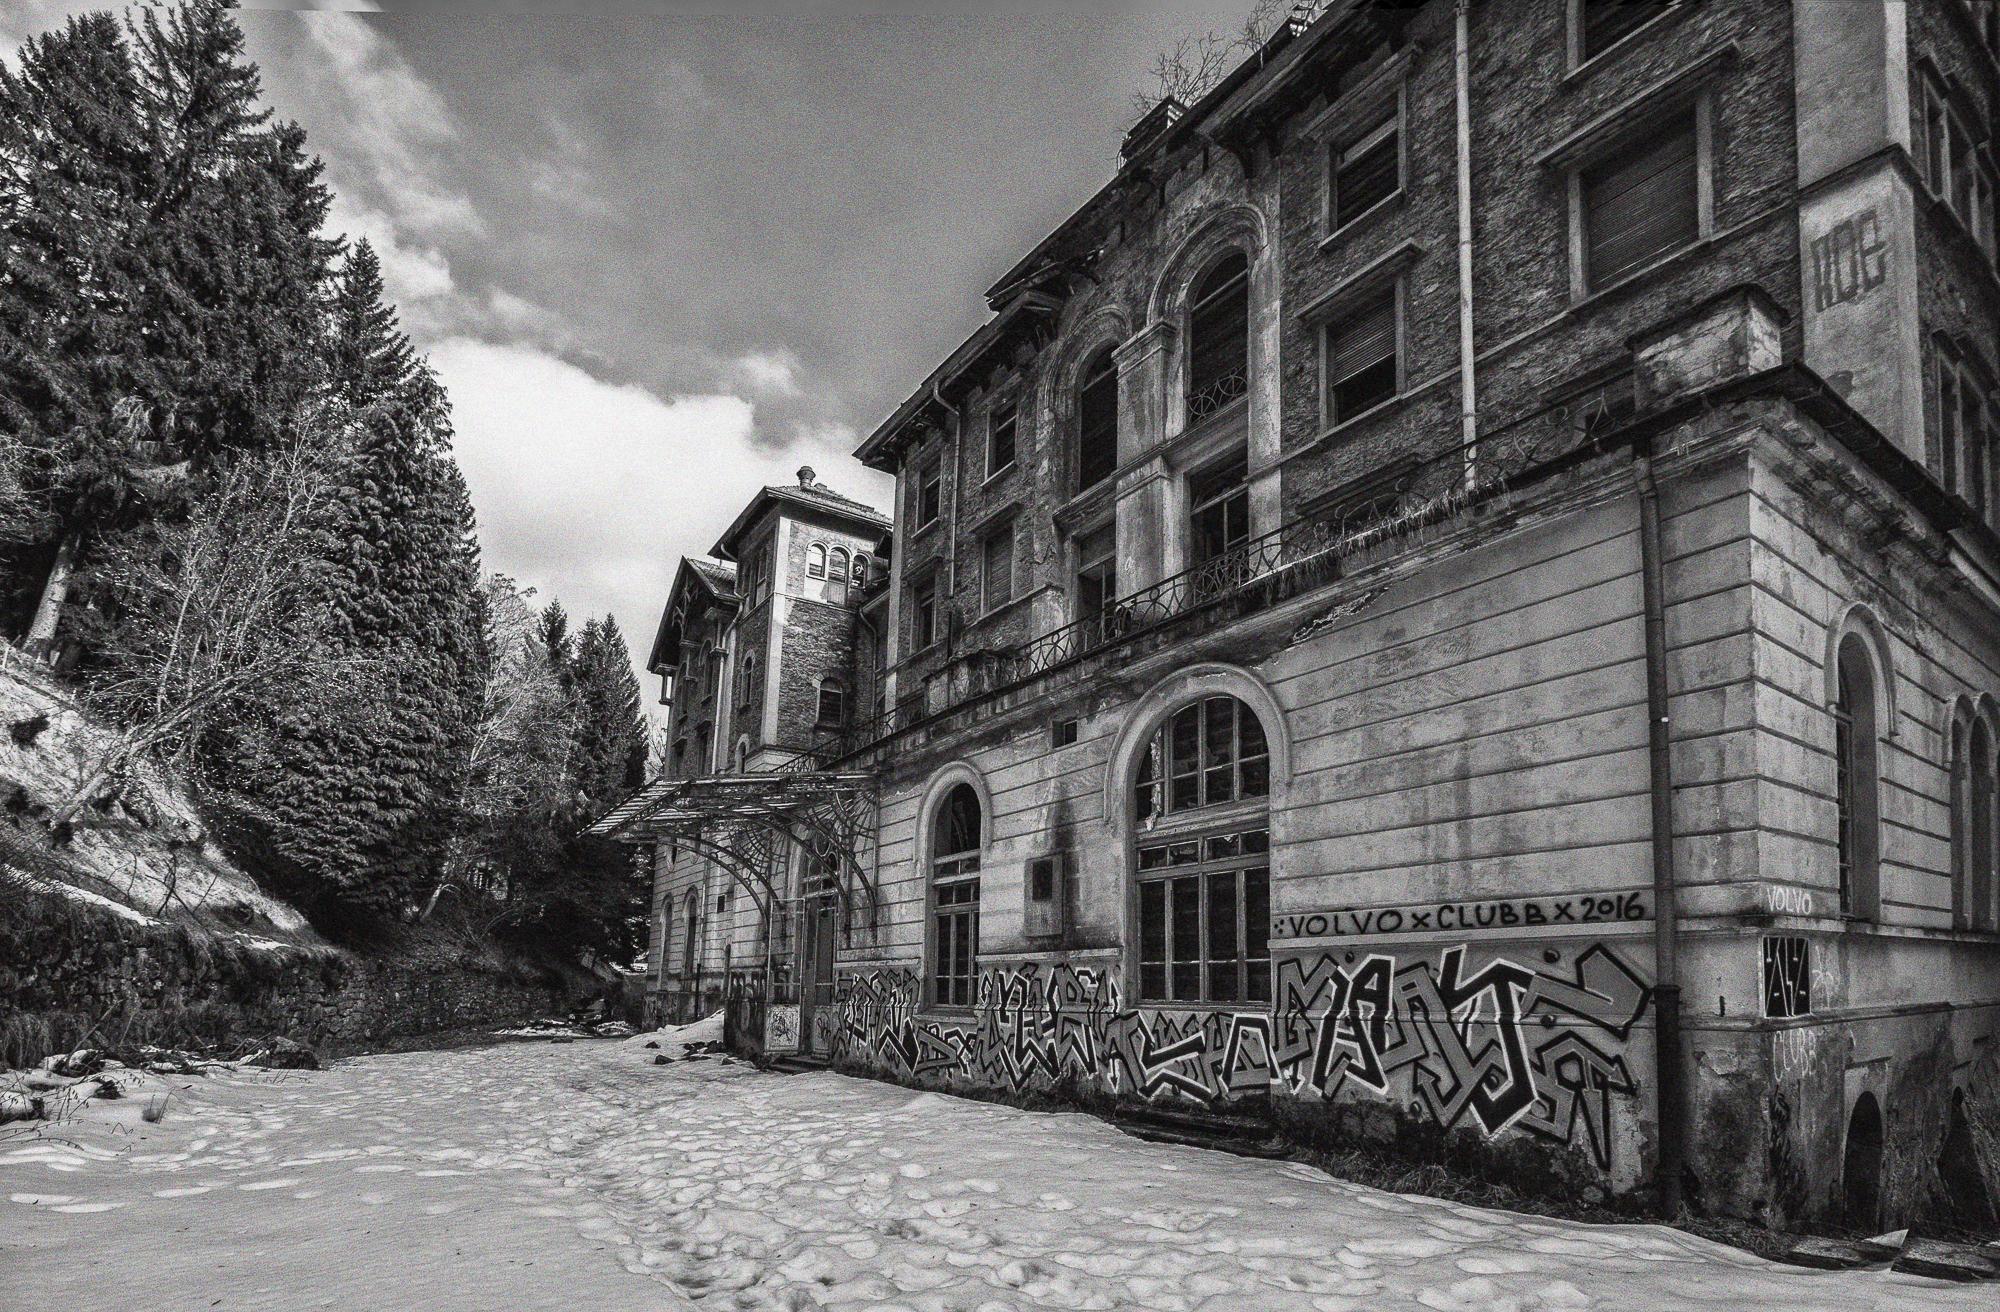 Sanatorium-Tessin, Switzerland and Eerie visit